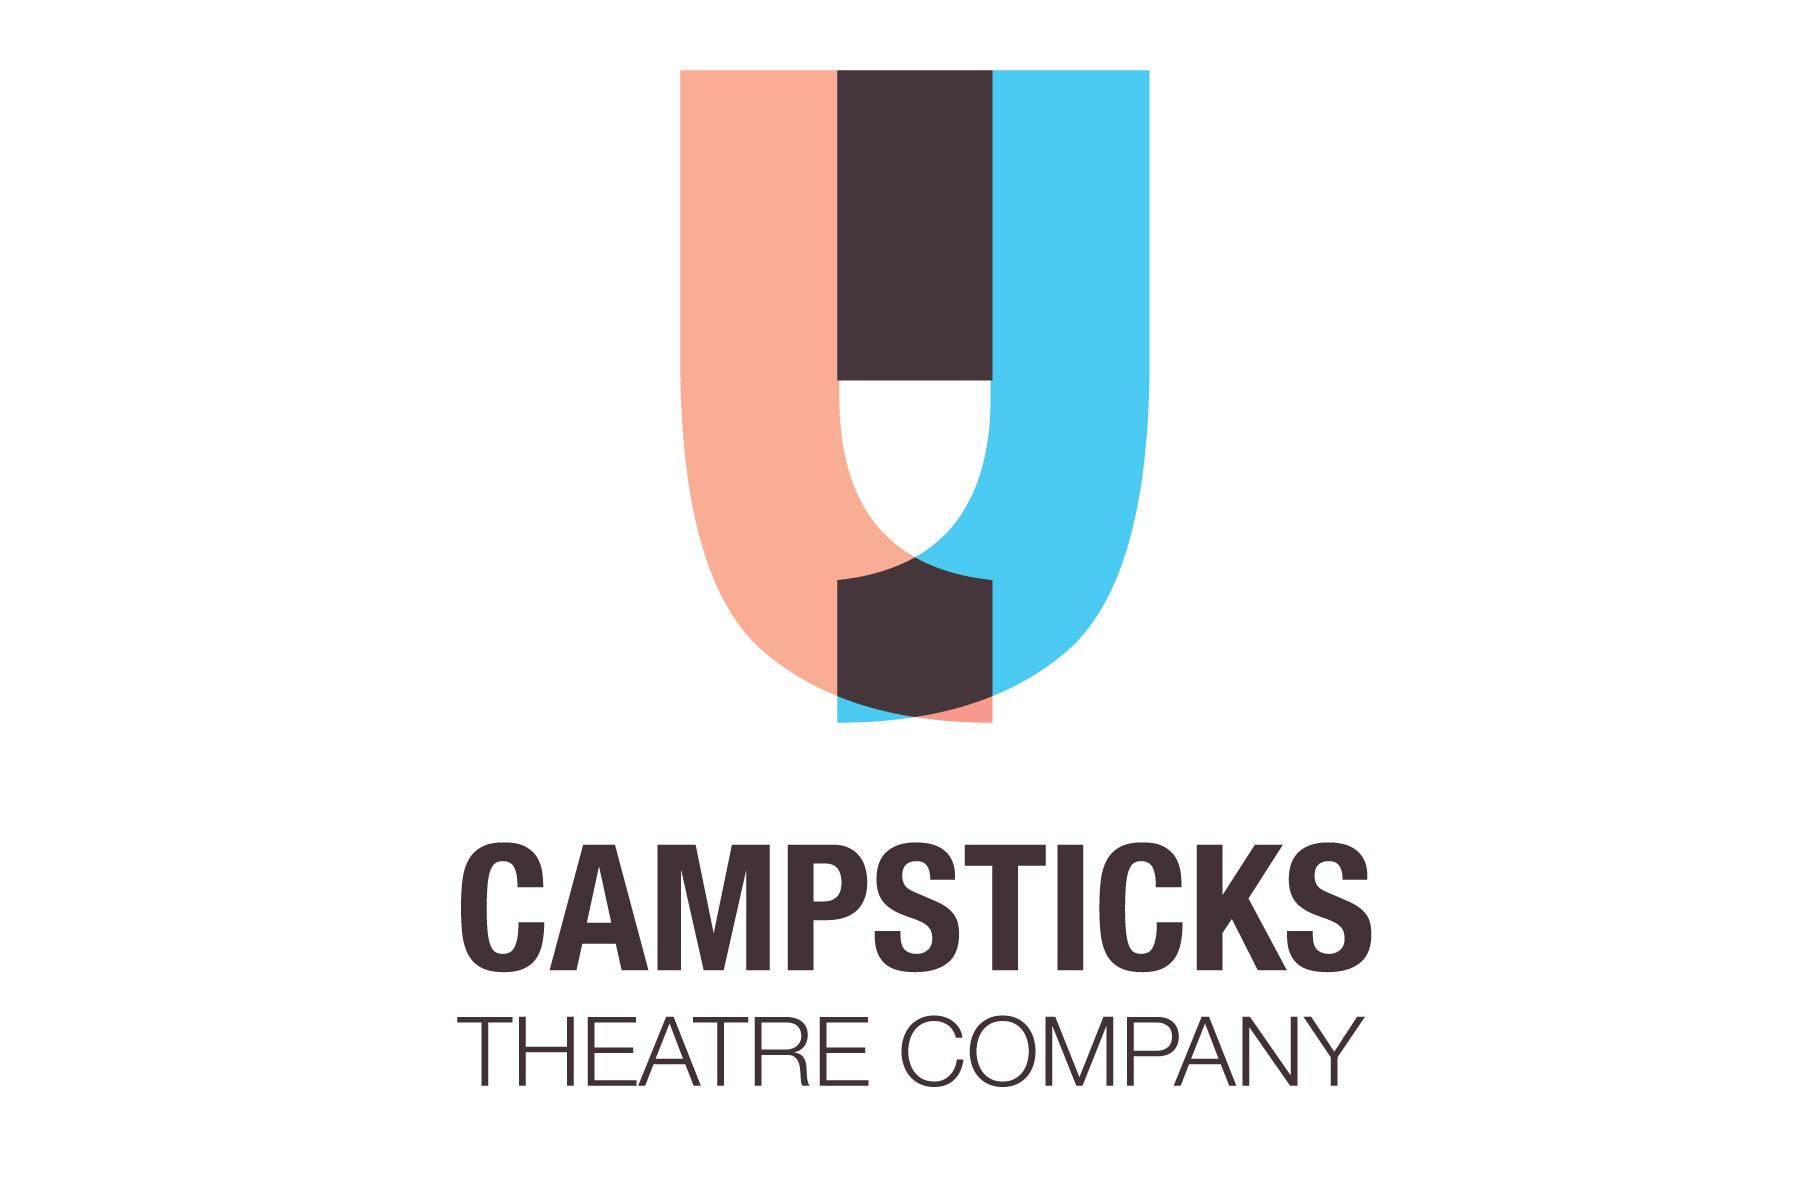 Cover image: Campsticks Theatre Company